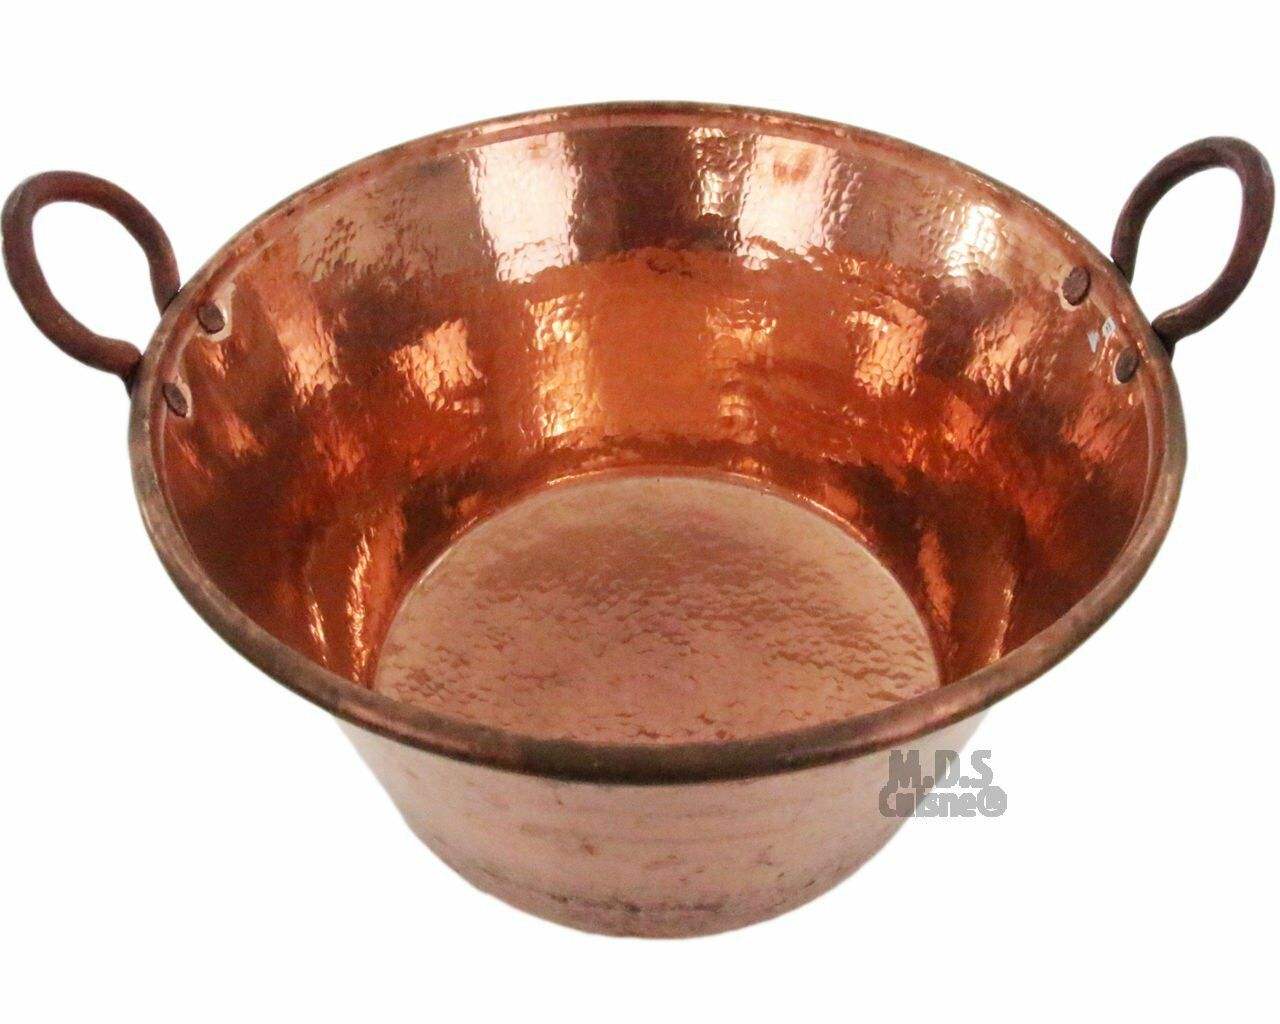 M.D.S Cuisine Cookwares Cazo De Cobre Para Carnitas Large 24  Heavy Duty...